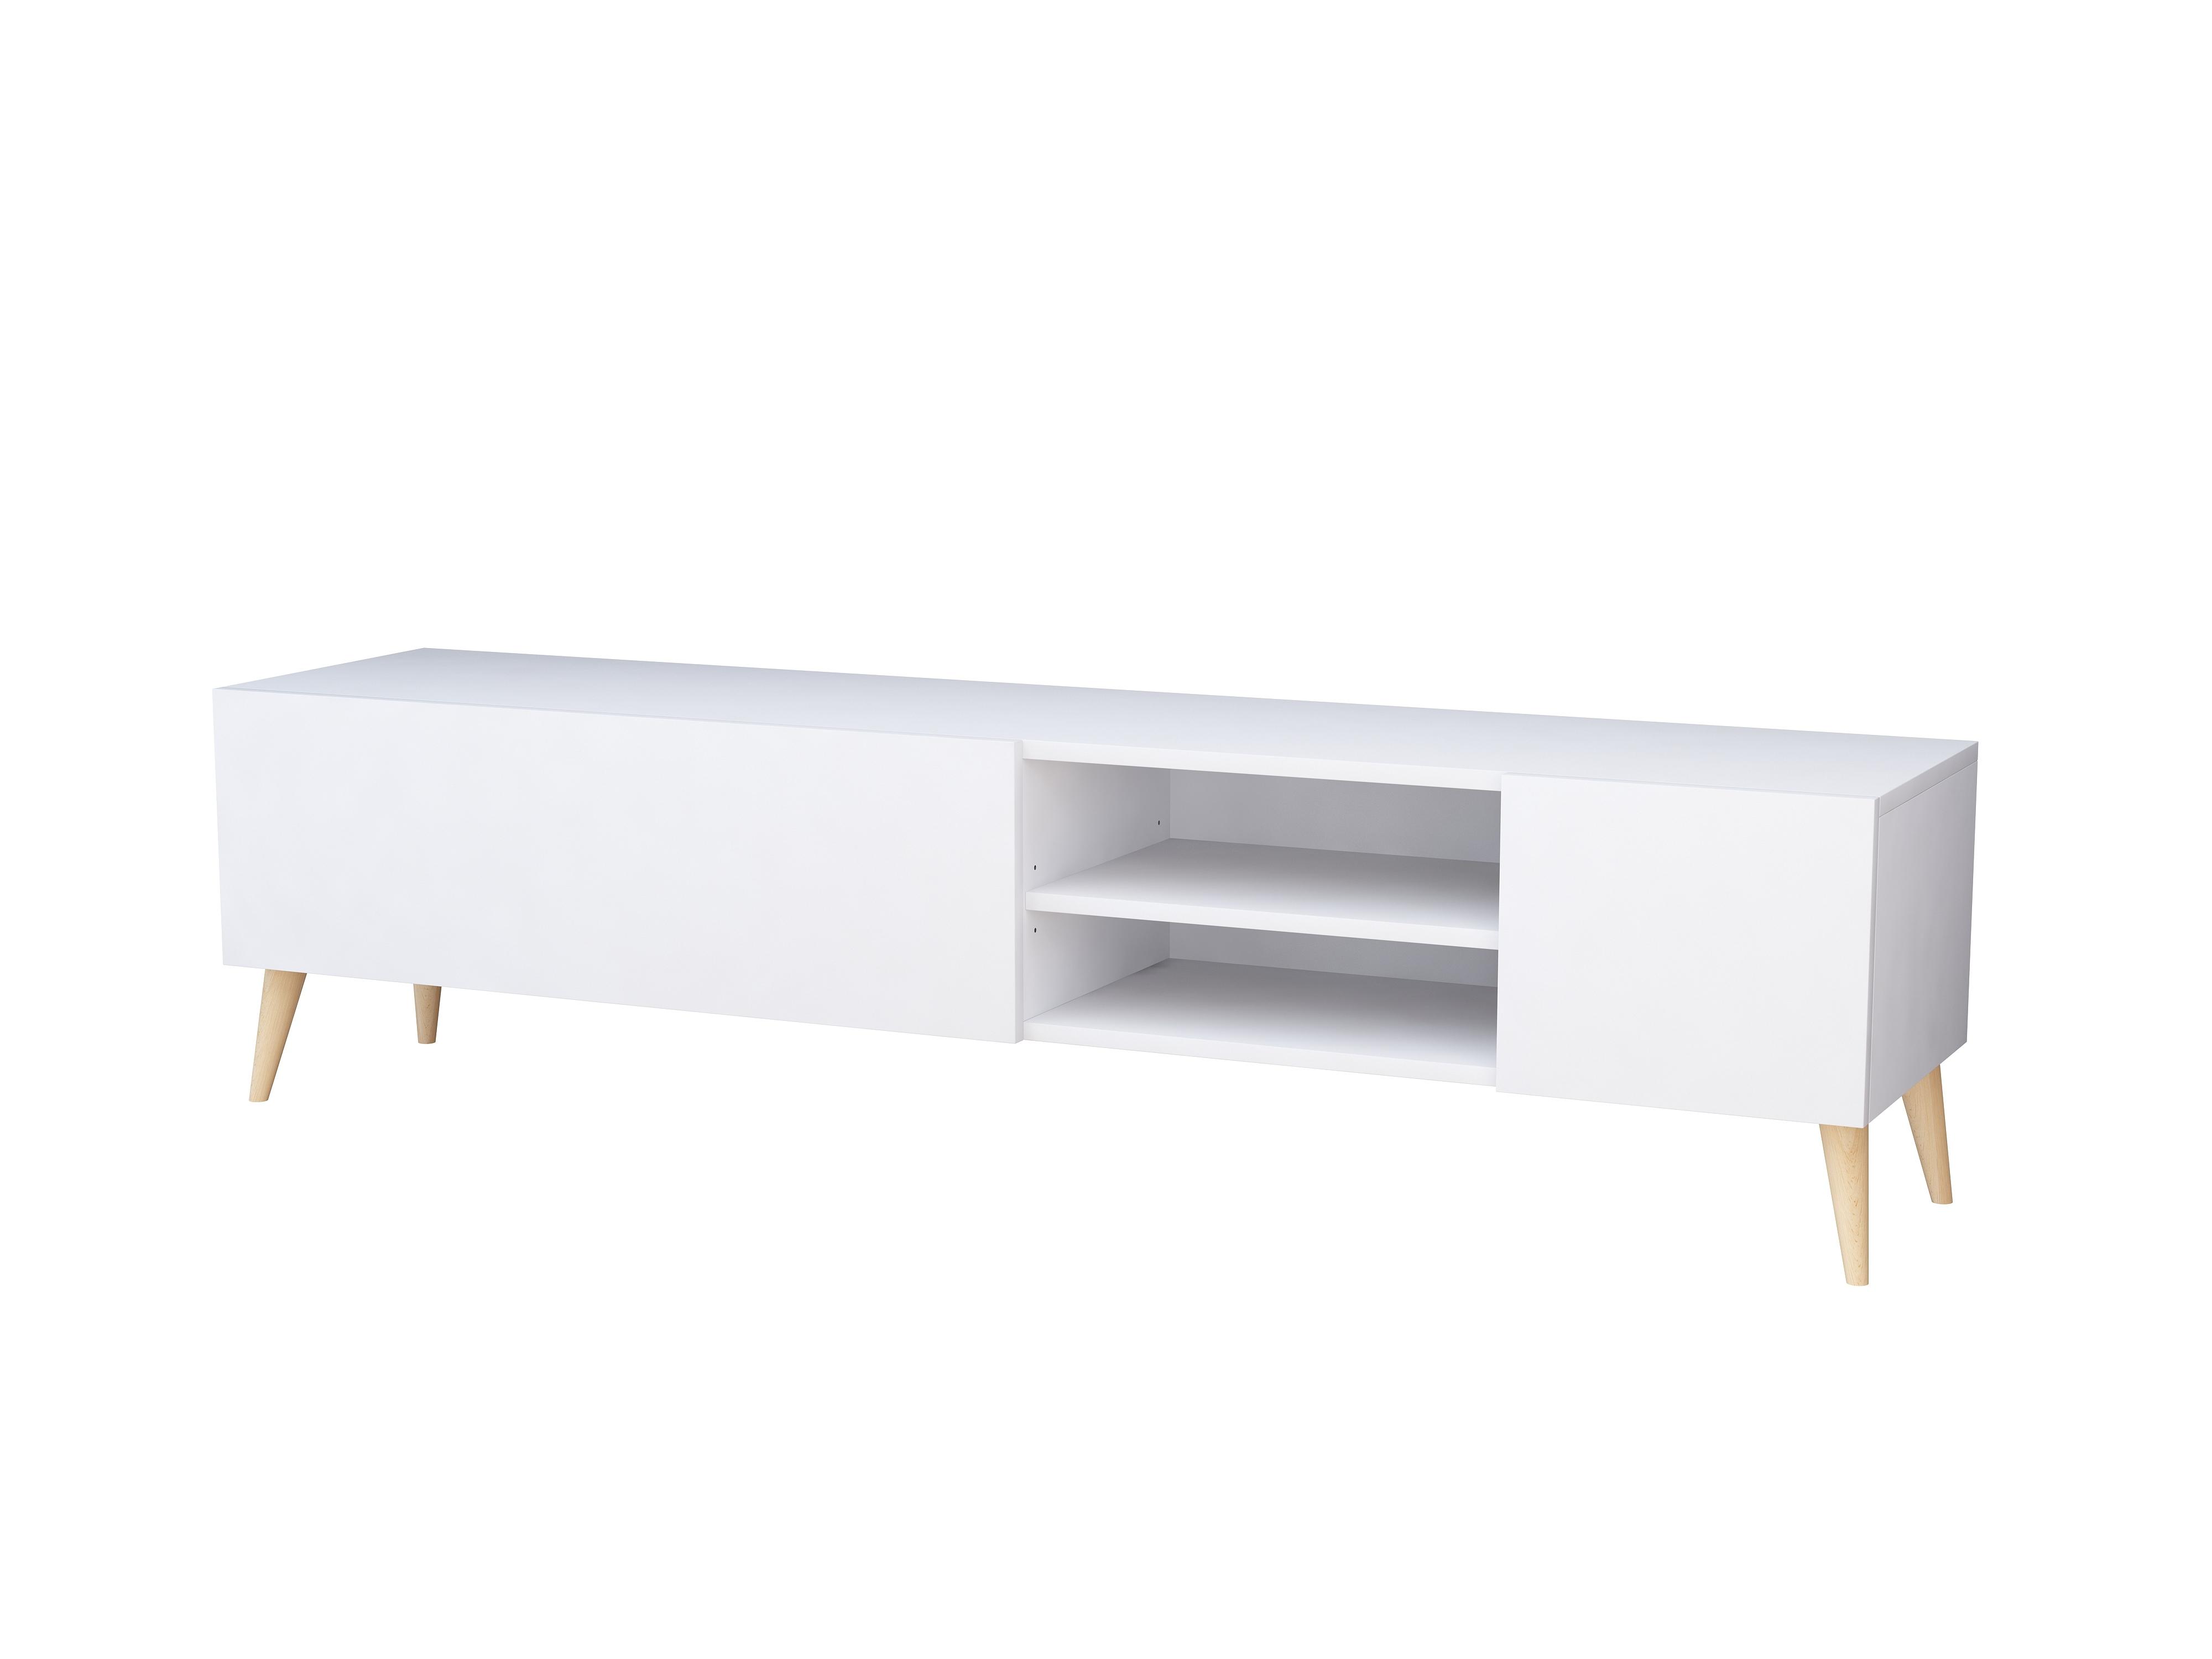 szafka rtv, pod telewizor, biały mat, styl skandynawski, wnętrza industrialne.